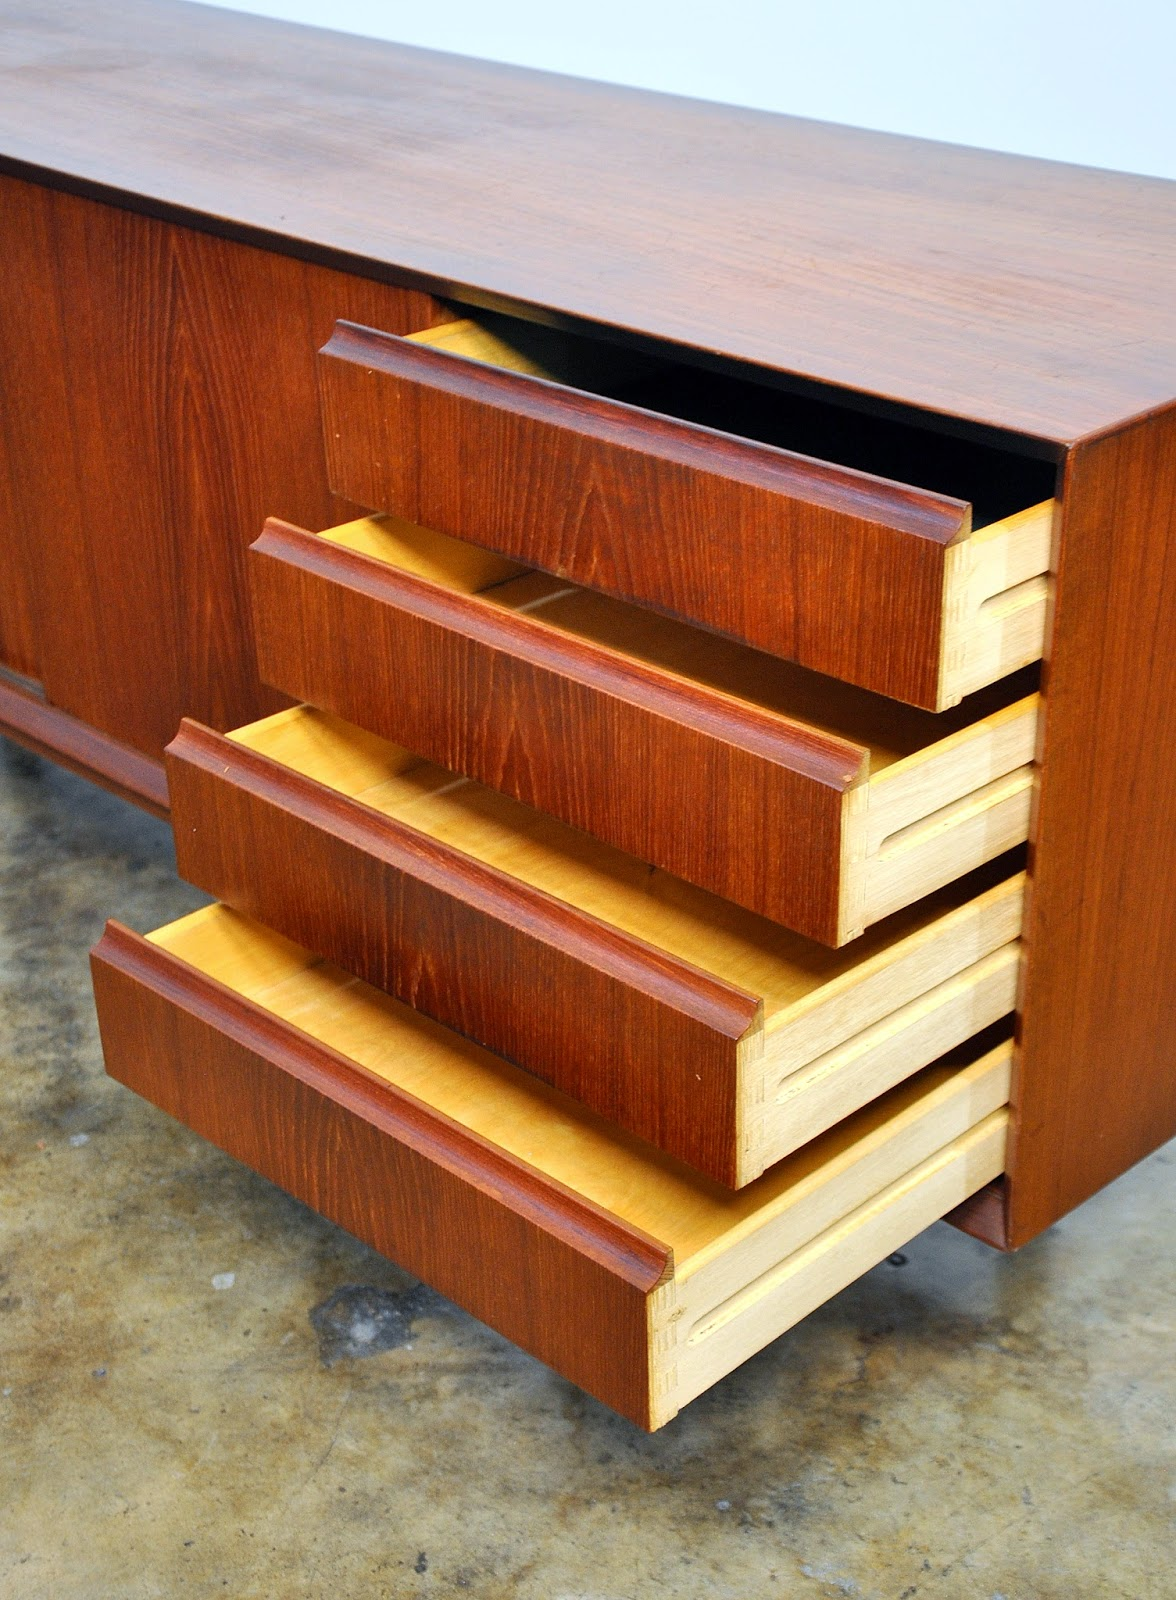 Select Modern Danish Modern Teak Credenza Buffet Sideboard Or Bar